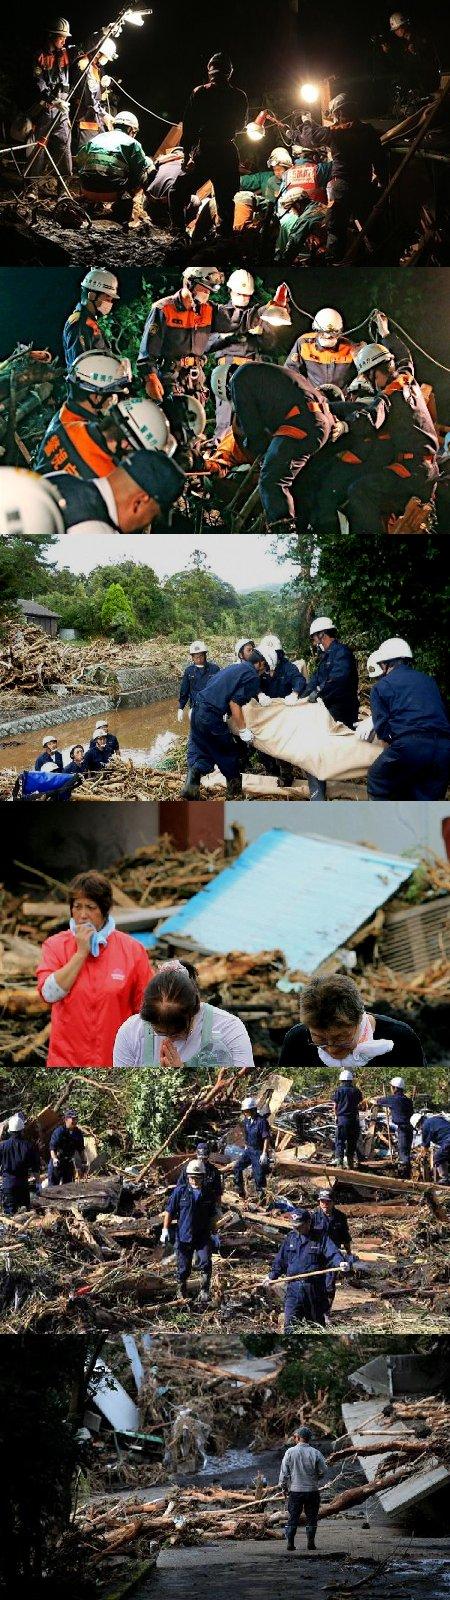 伊豆大島の惨劇 - 警察は捜査を、関係者の事情聴取を_b0090336_16505118.jpg